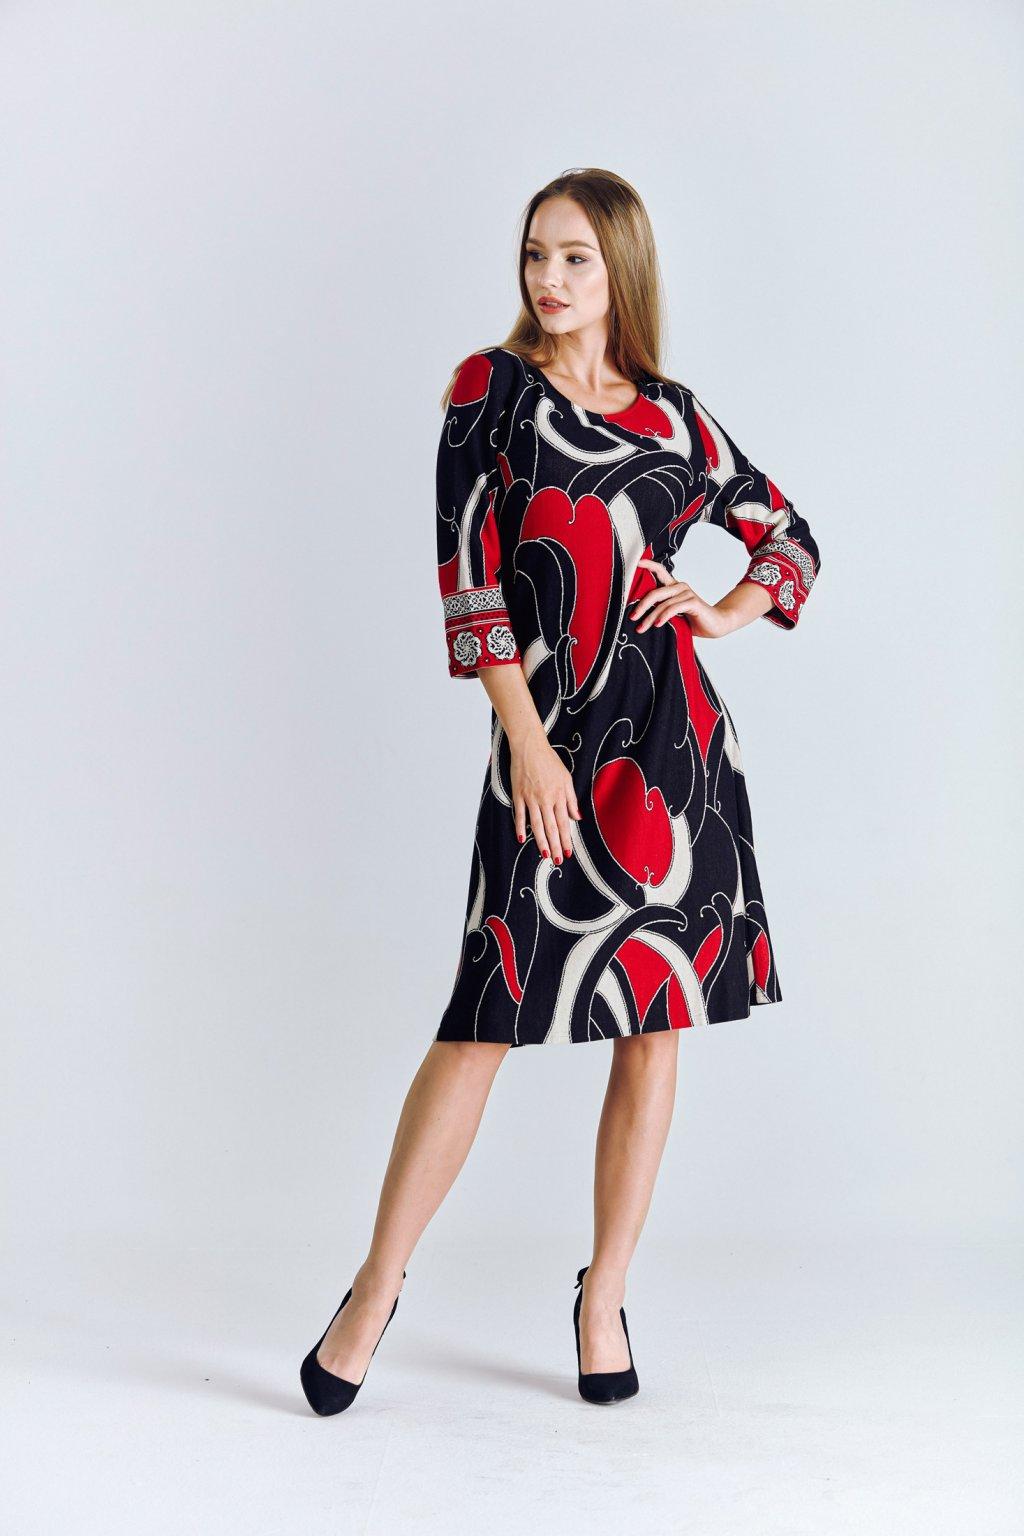 zímní dámské šaty áčkové